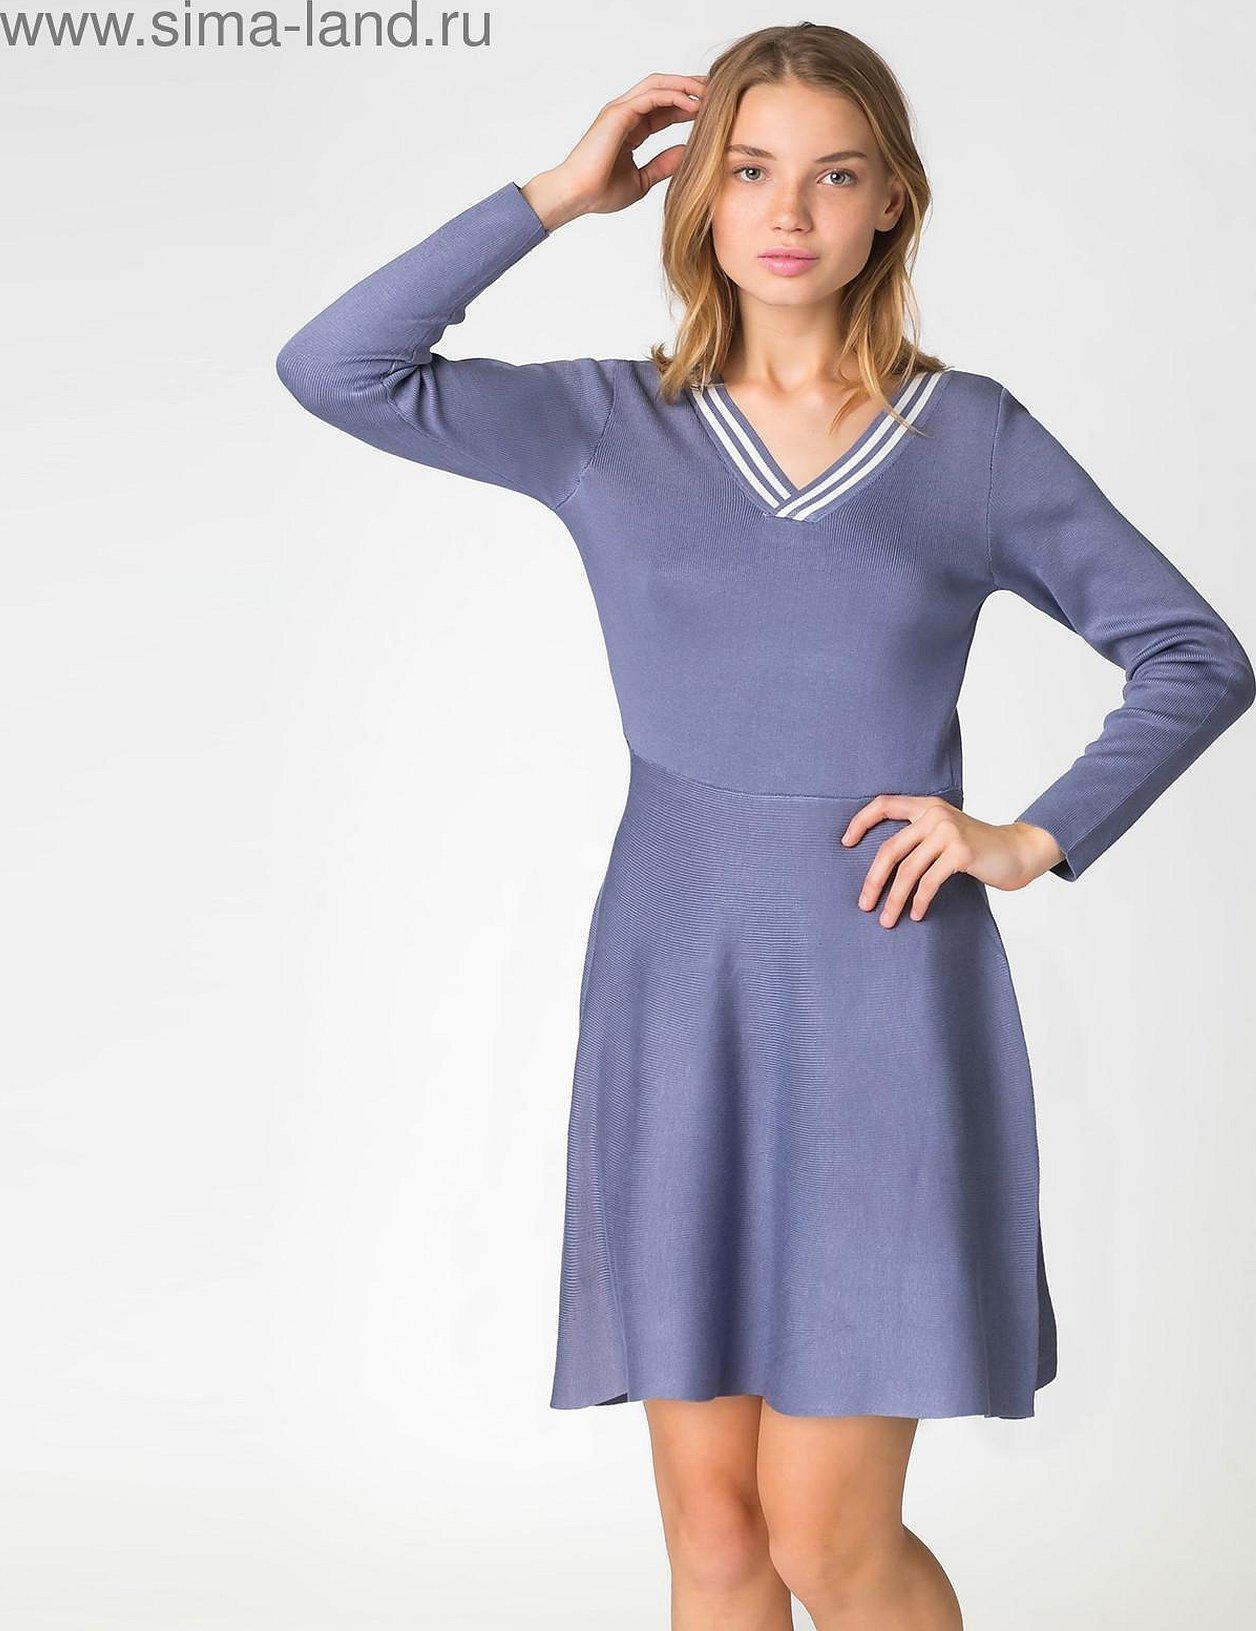 Платье для беременных повседневное